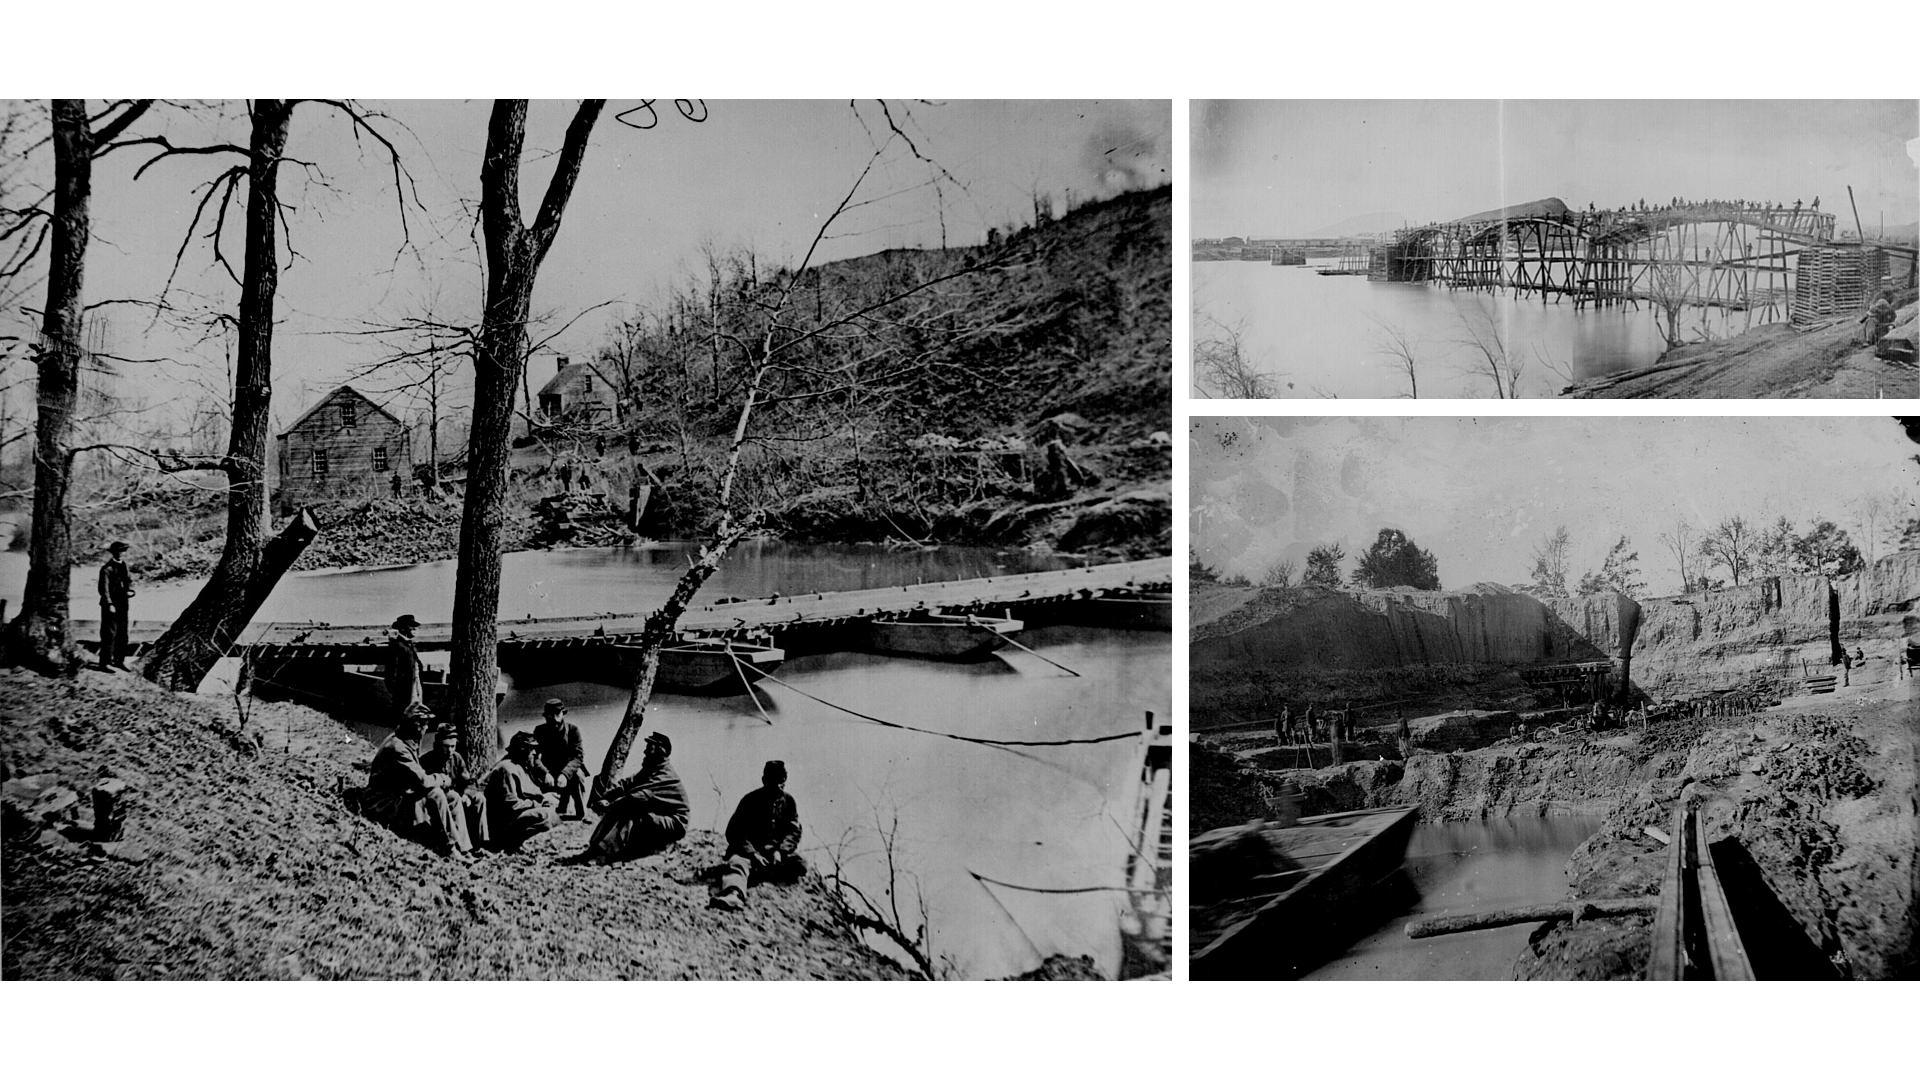 Guerra de Secesión - Historia de la Fotografía - José Álvarez Fotografía